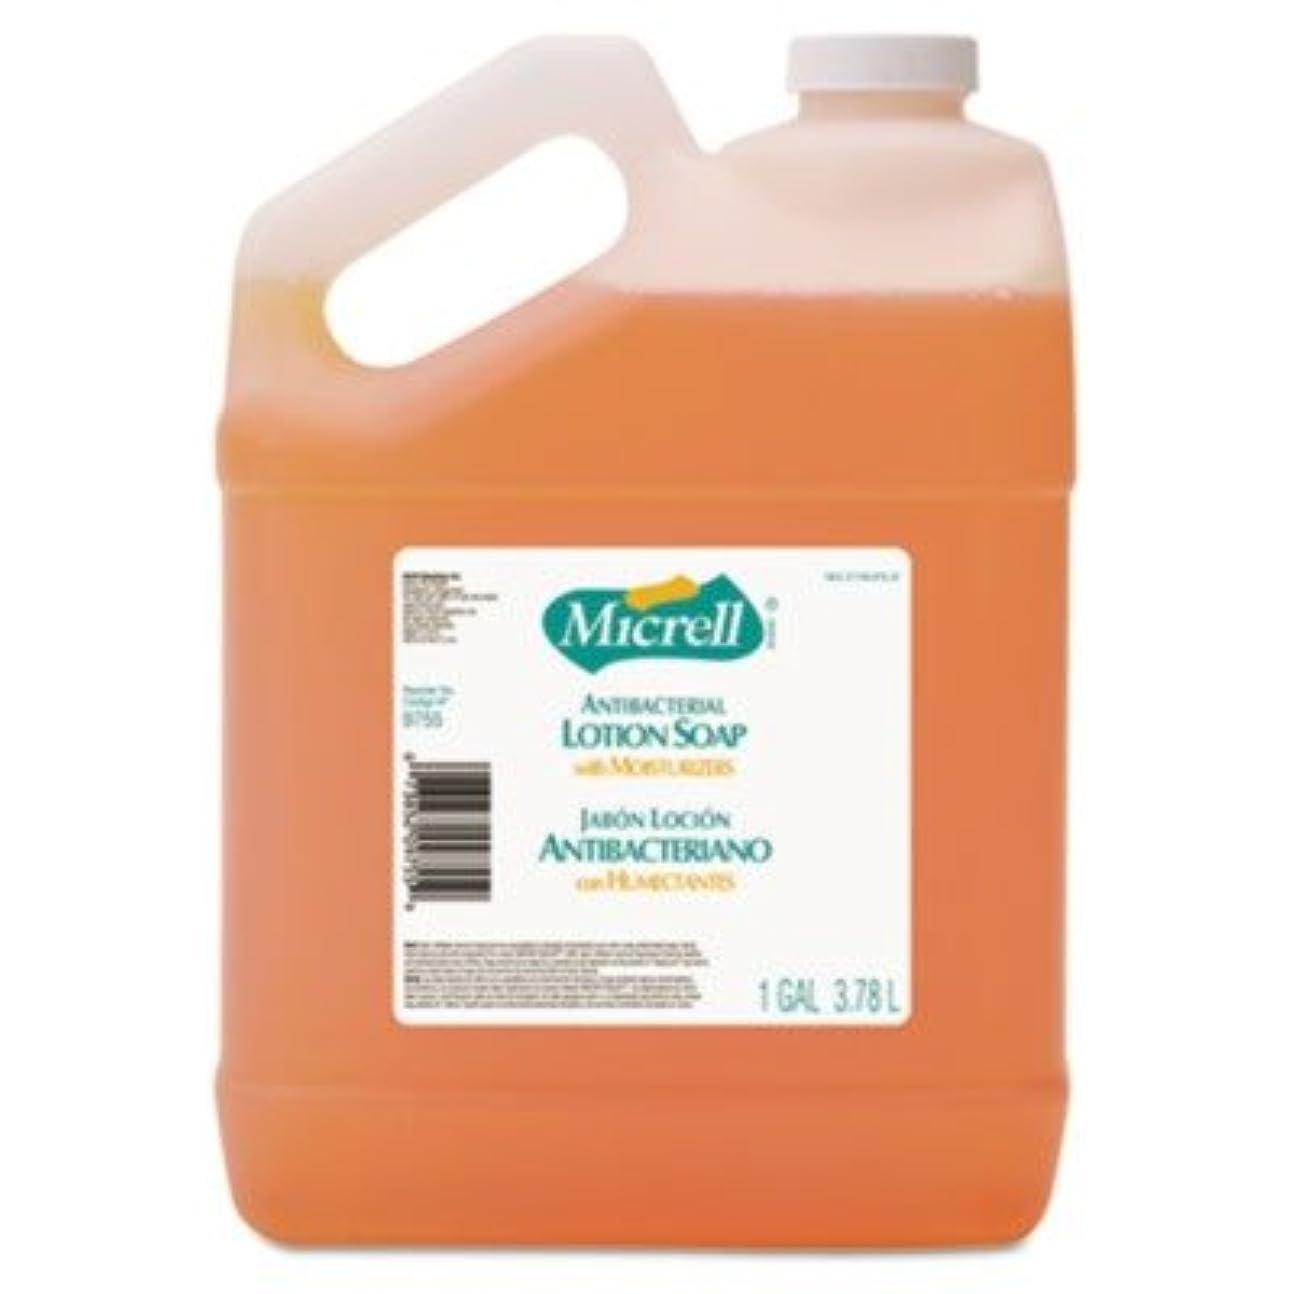 ワンダー小間出来事go-jo Industries 975504 CT MICRELL抗菌ローションソープ、Pleasant citrus scent , 1 galボトル、4 /カートン